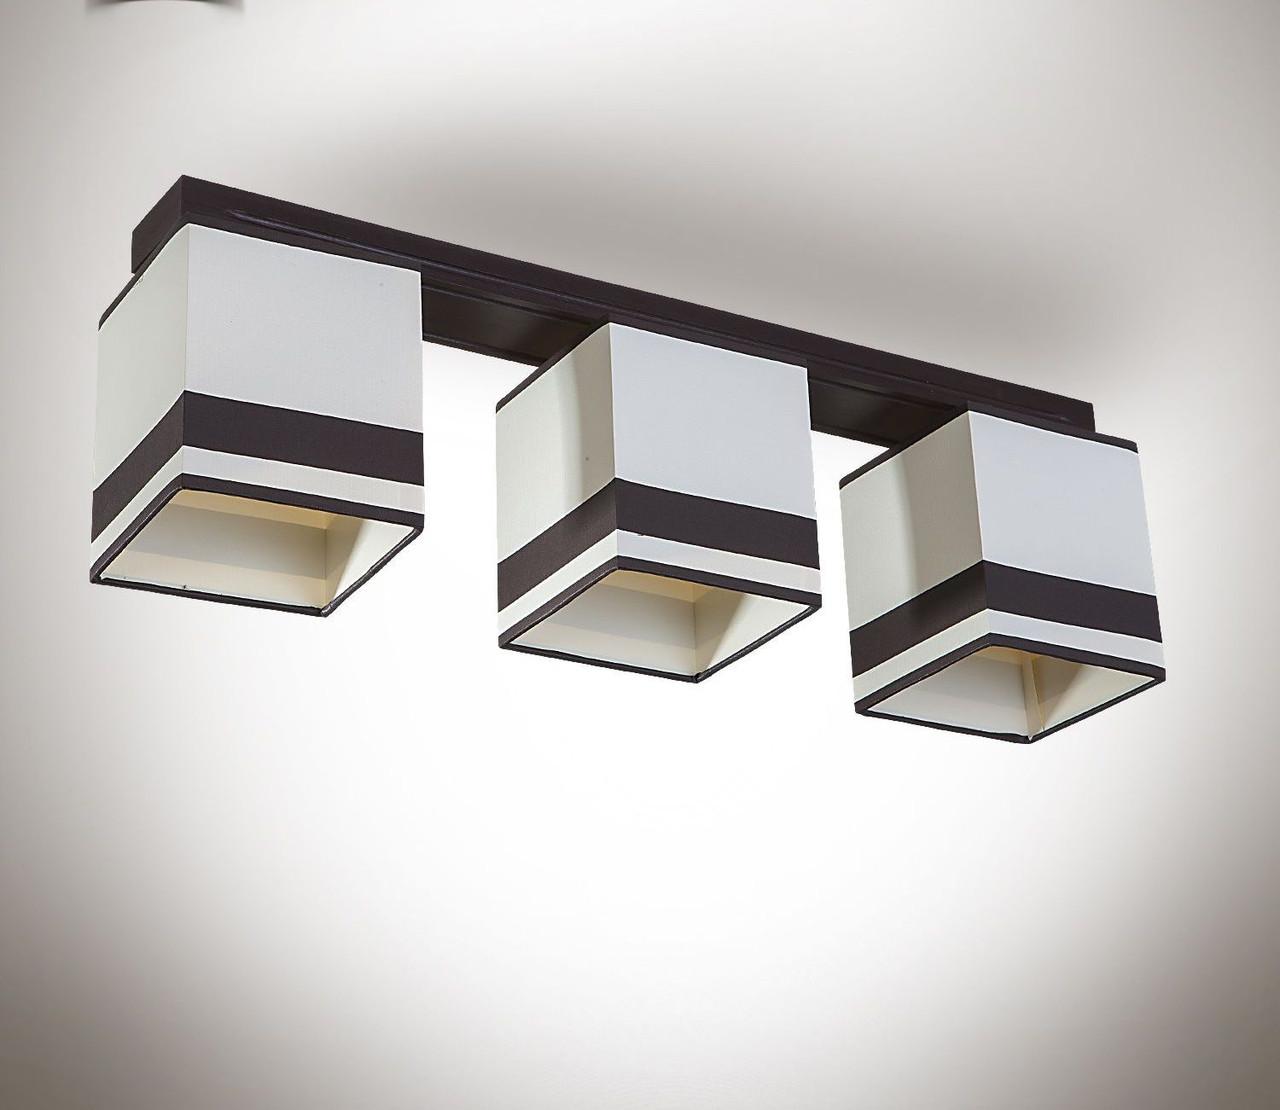 Люстра 3 ламповая, деревянная c абажурами для спальни, кухни, прихожей  19413